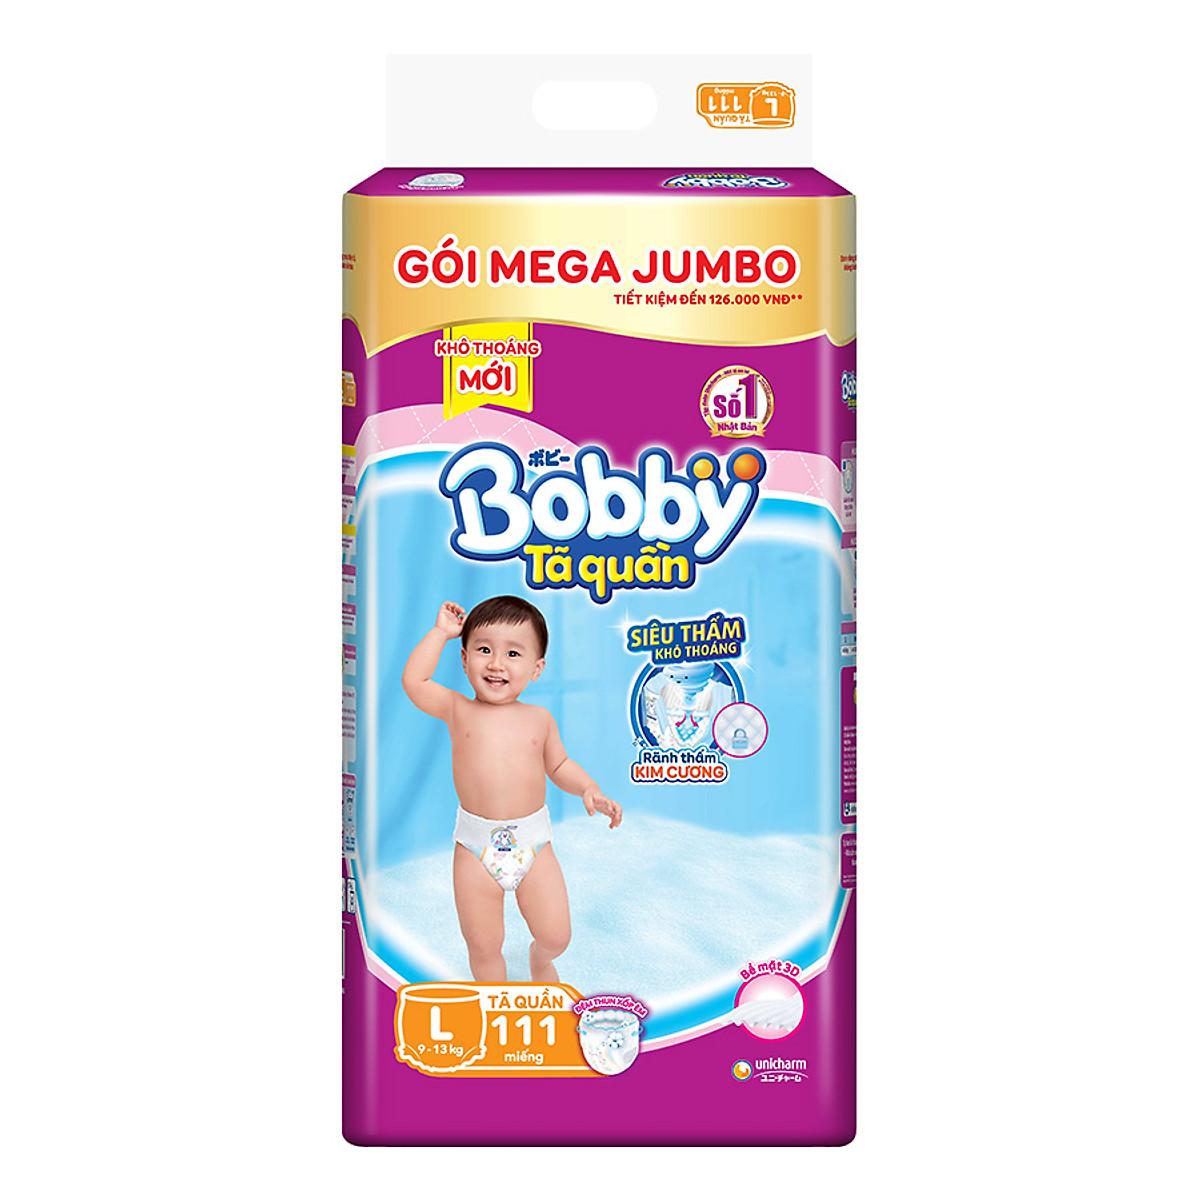 Tã Quần Bobby Gói Mega Jumbo L111 (111 Miếng)   Tiki.vn